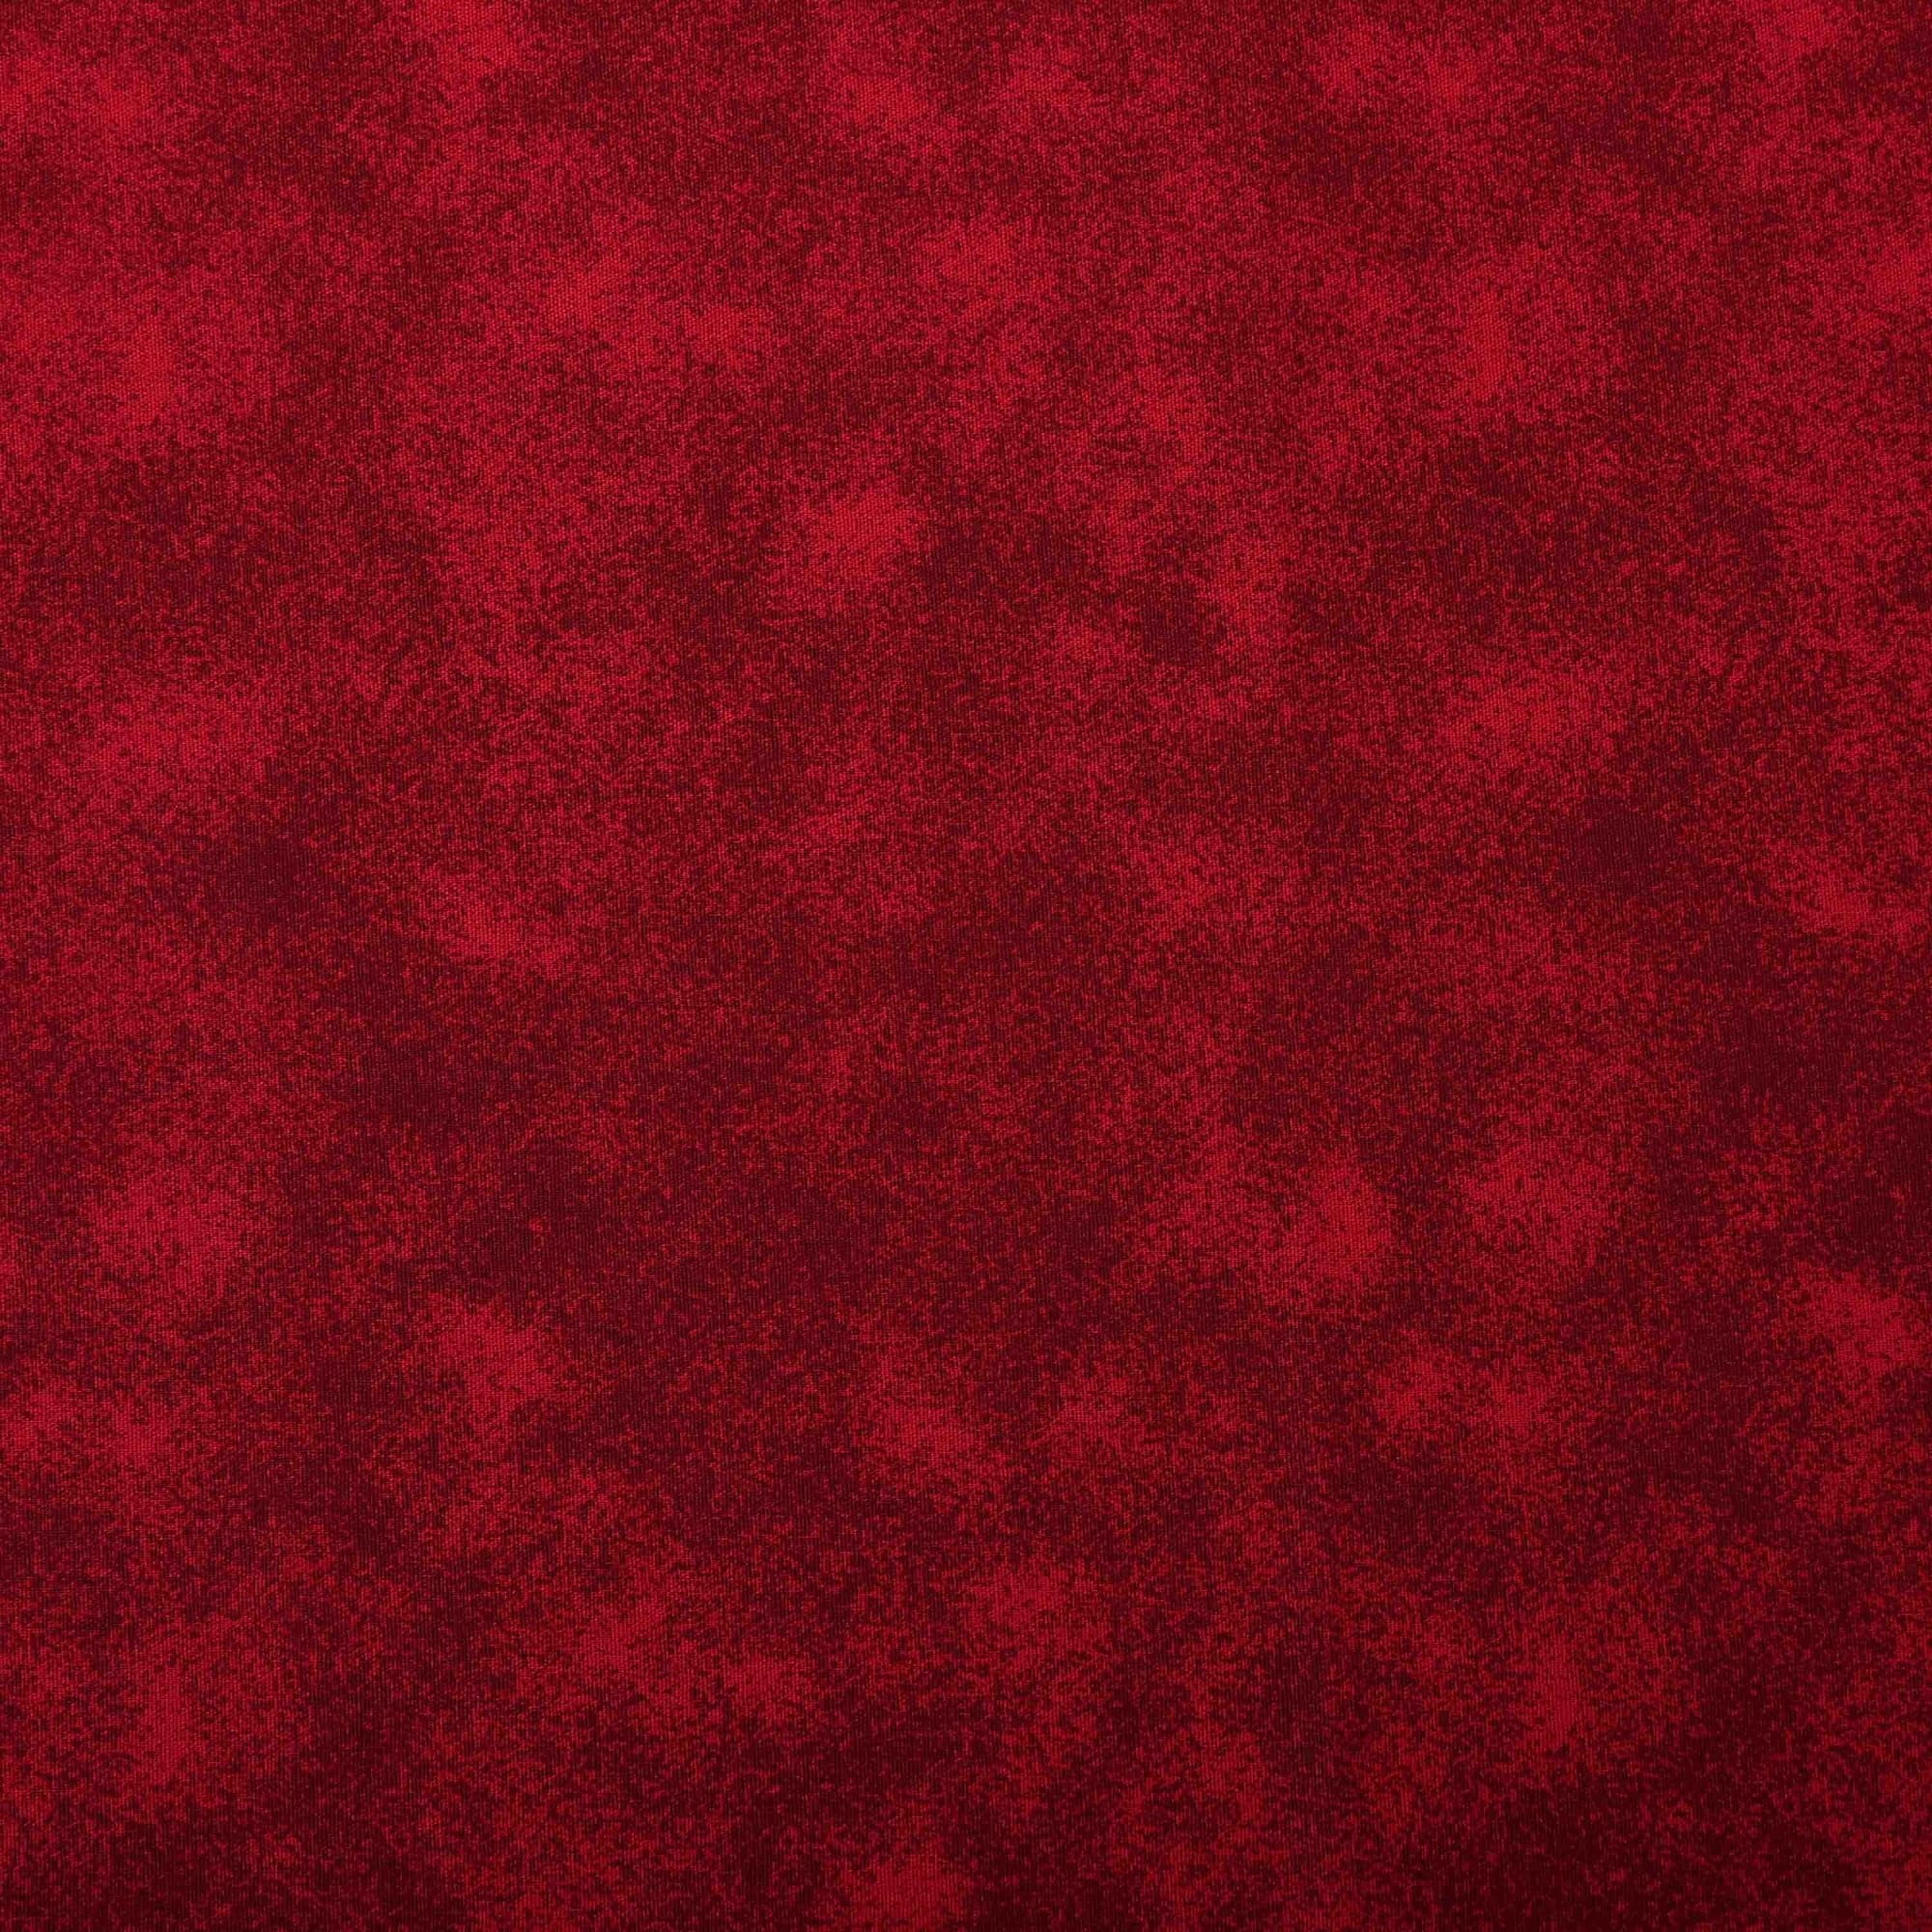 Poeirinha vermelho - 50x150cm